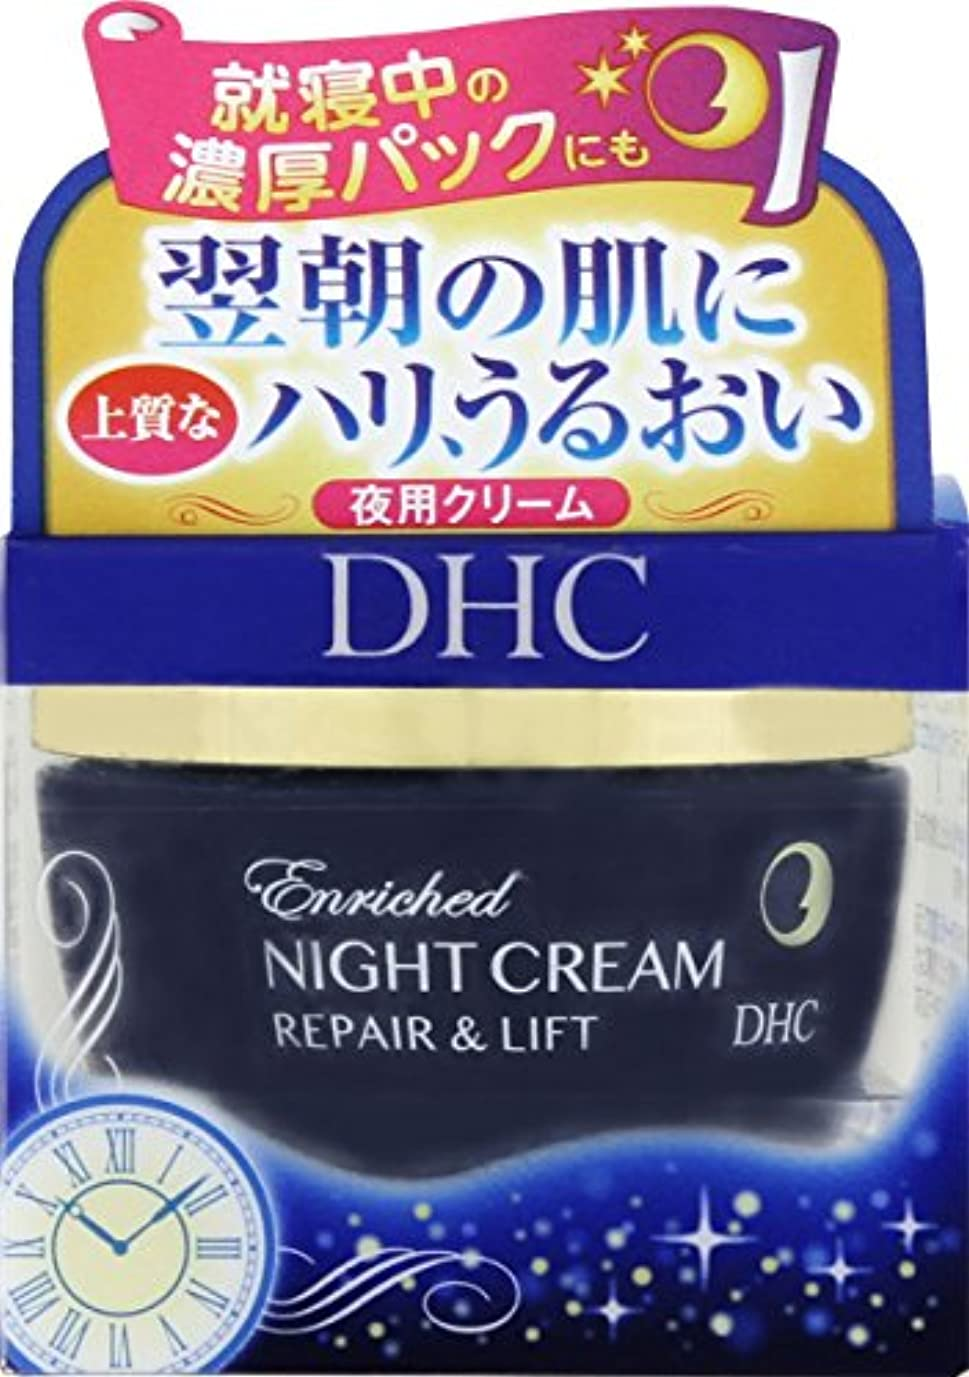 困惑する補償バターDHC エンリッチナイトクリームR&L(SS)30g